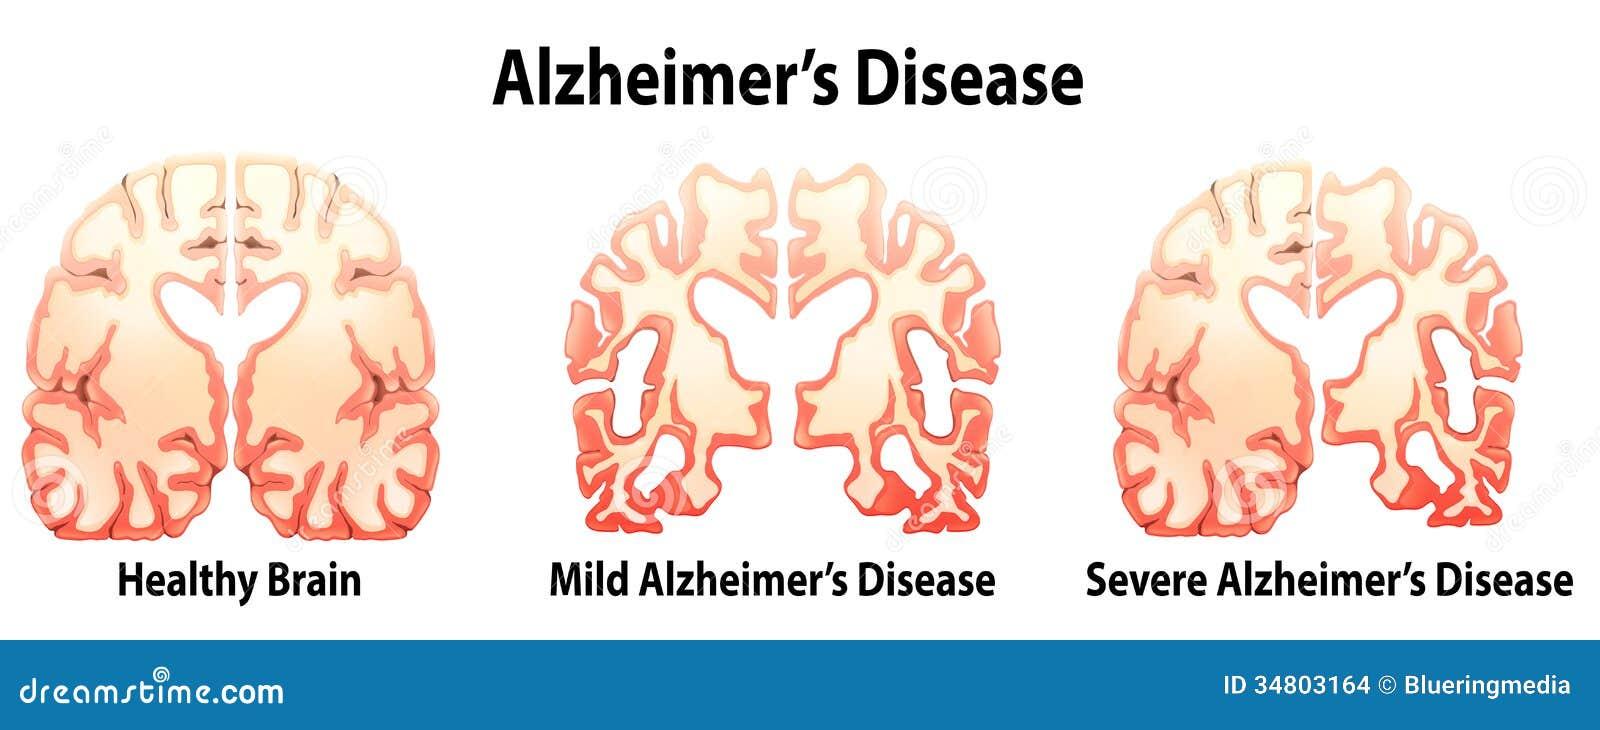 De Ziekte Van Alzheimer Stock Afbeeldingen Beeld 34803164